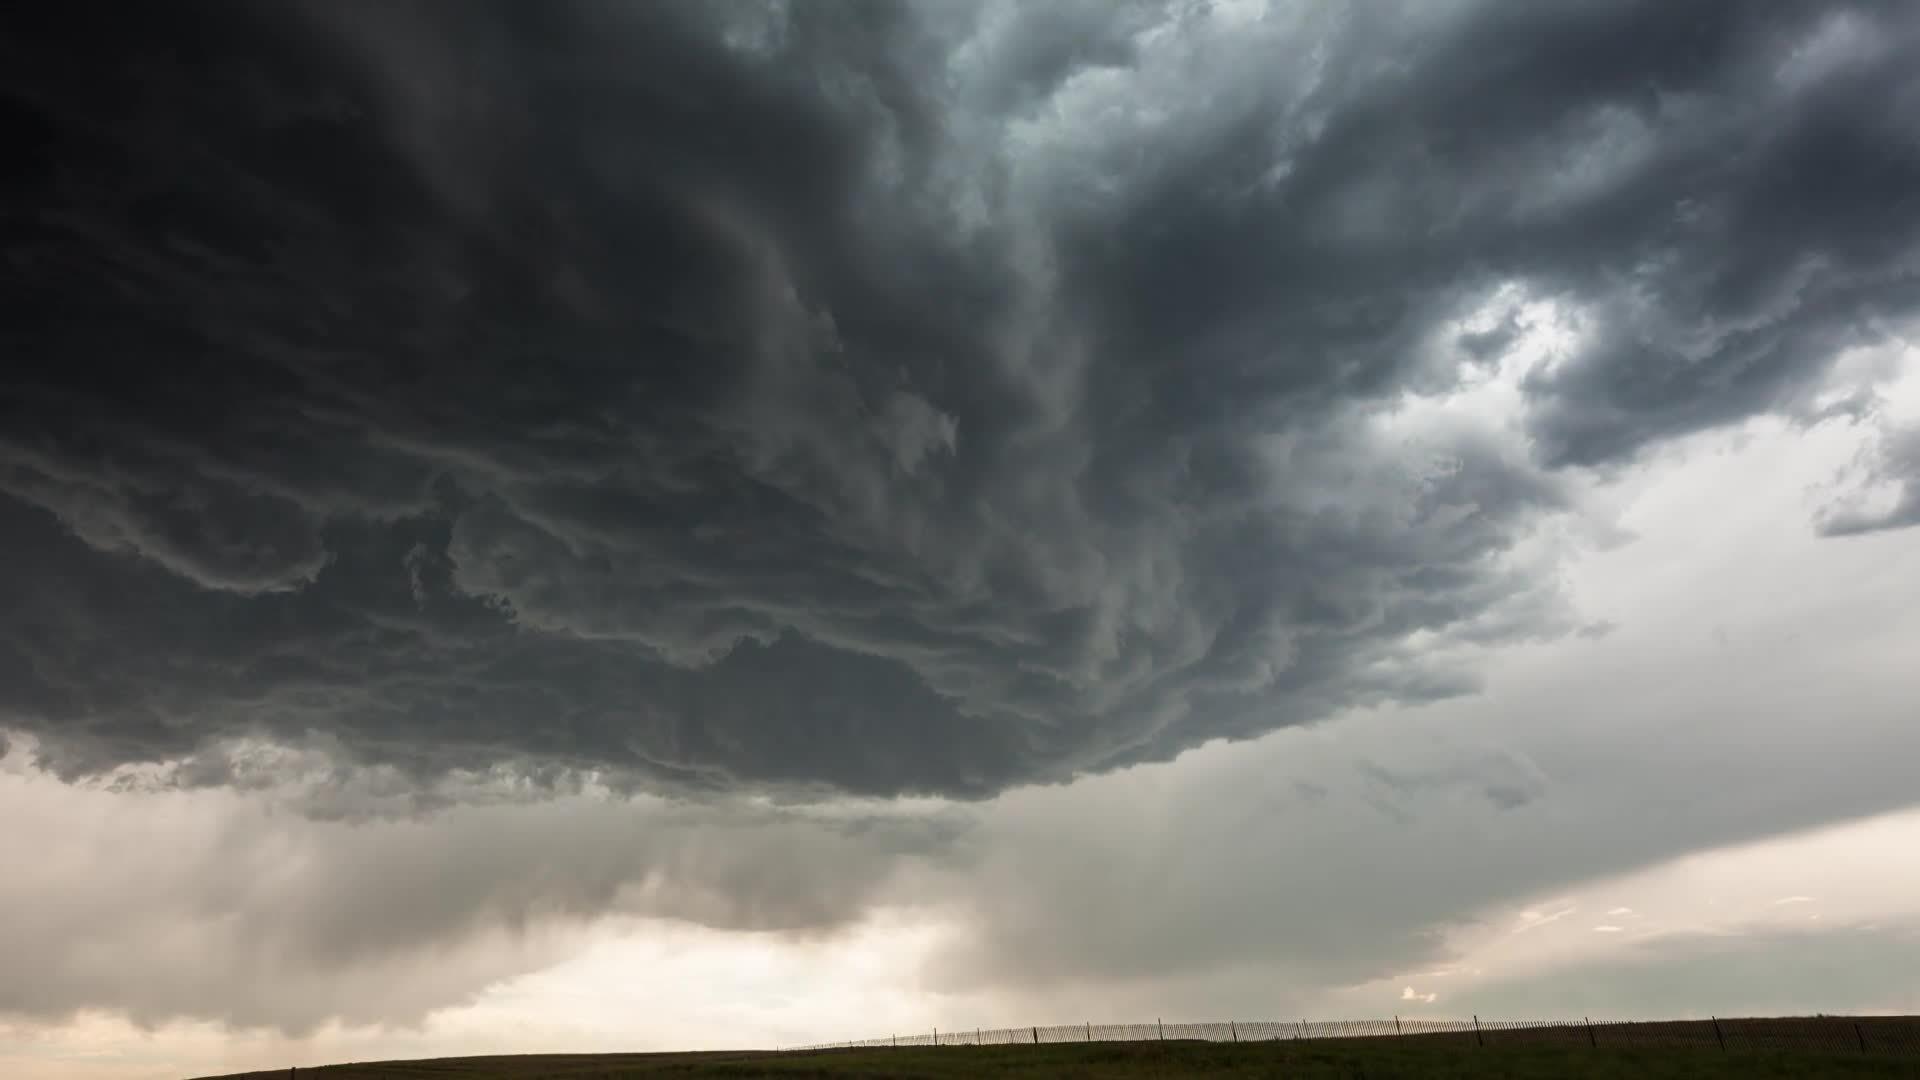 WeatherGifs, weathergifs, Storm brewing GIFs